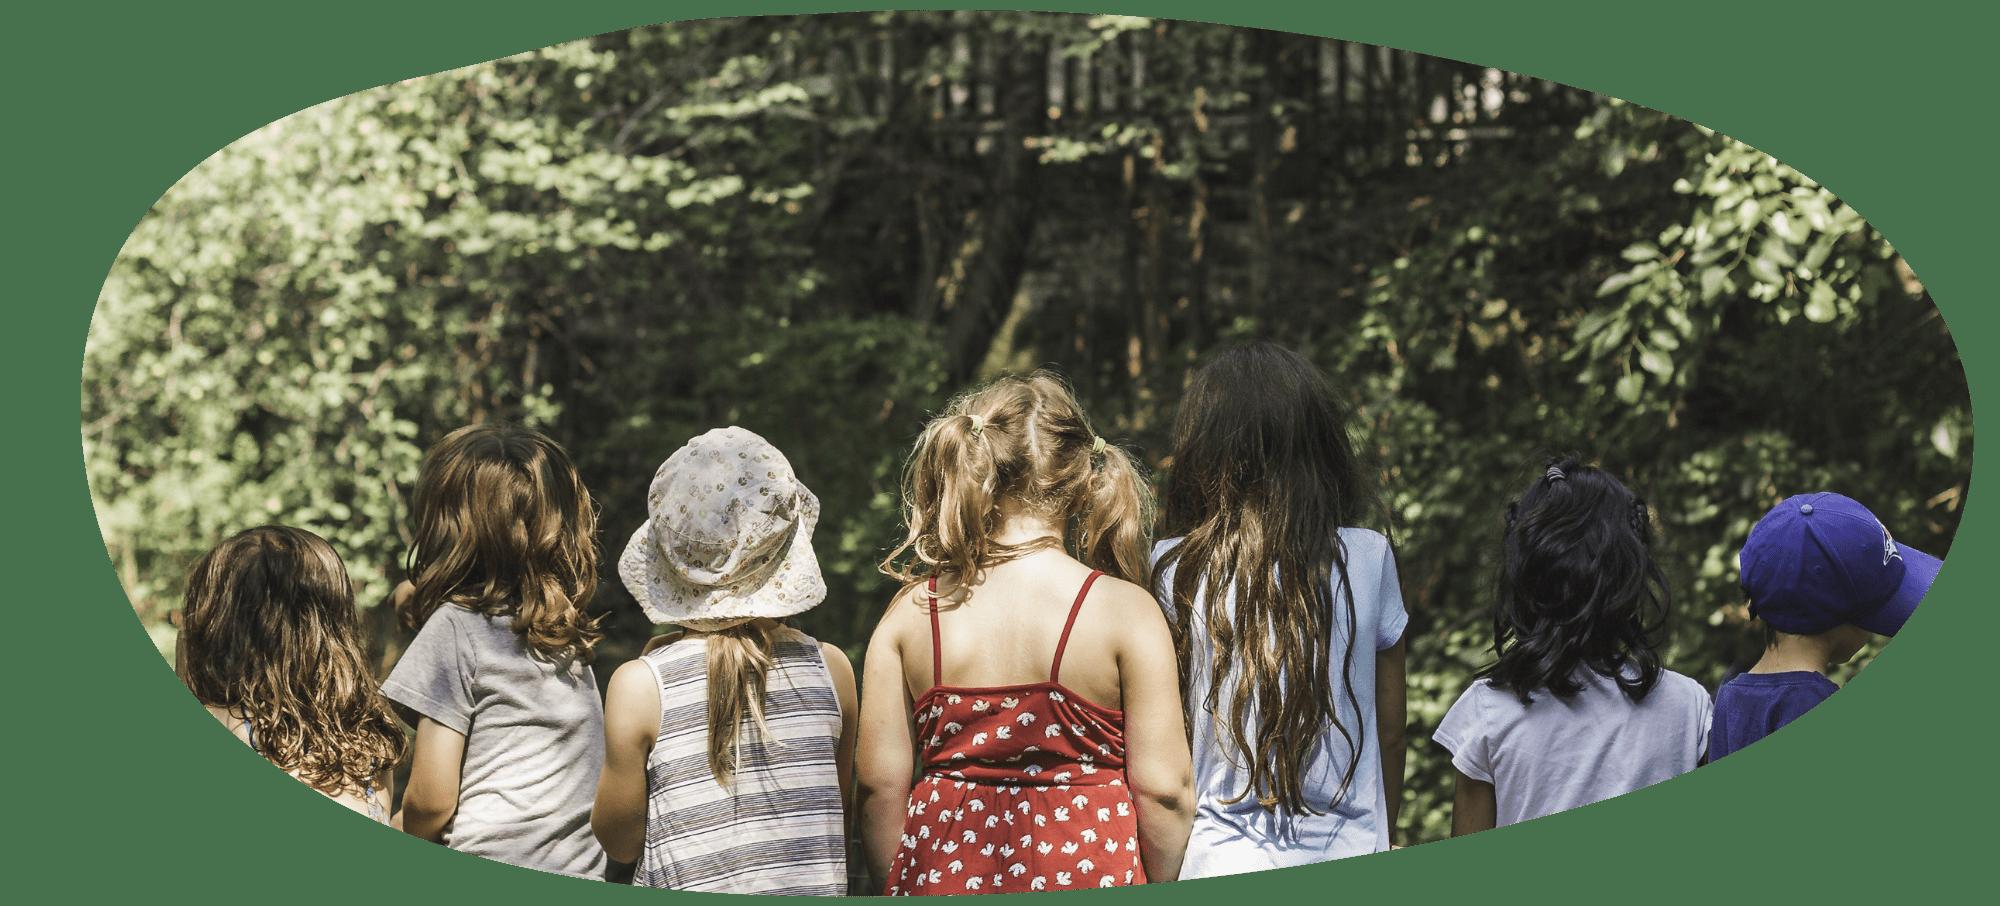 Kassiopeia Ferienbetreuung Bild Kinder